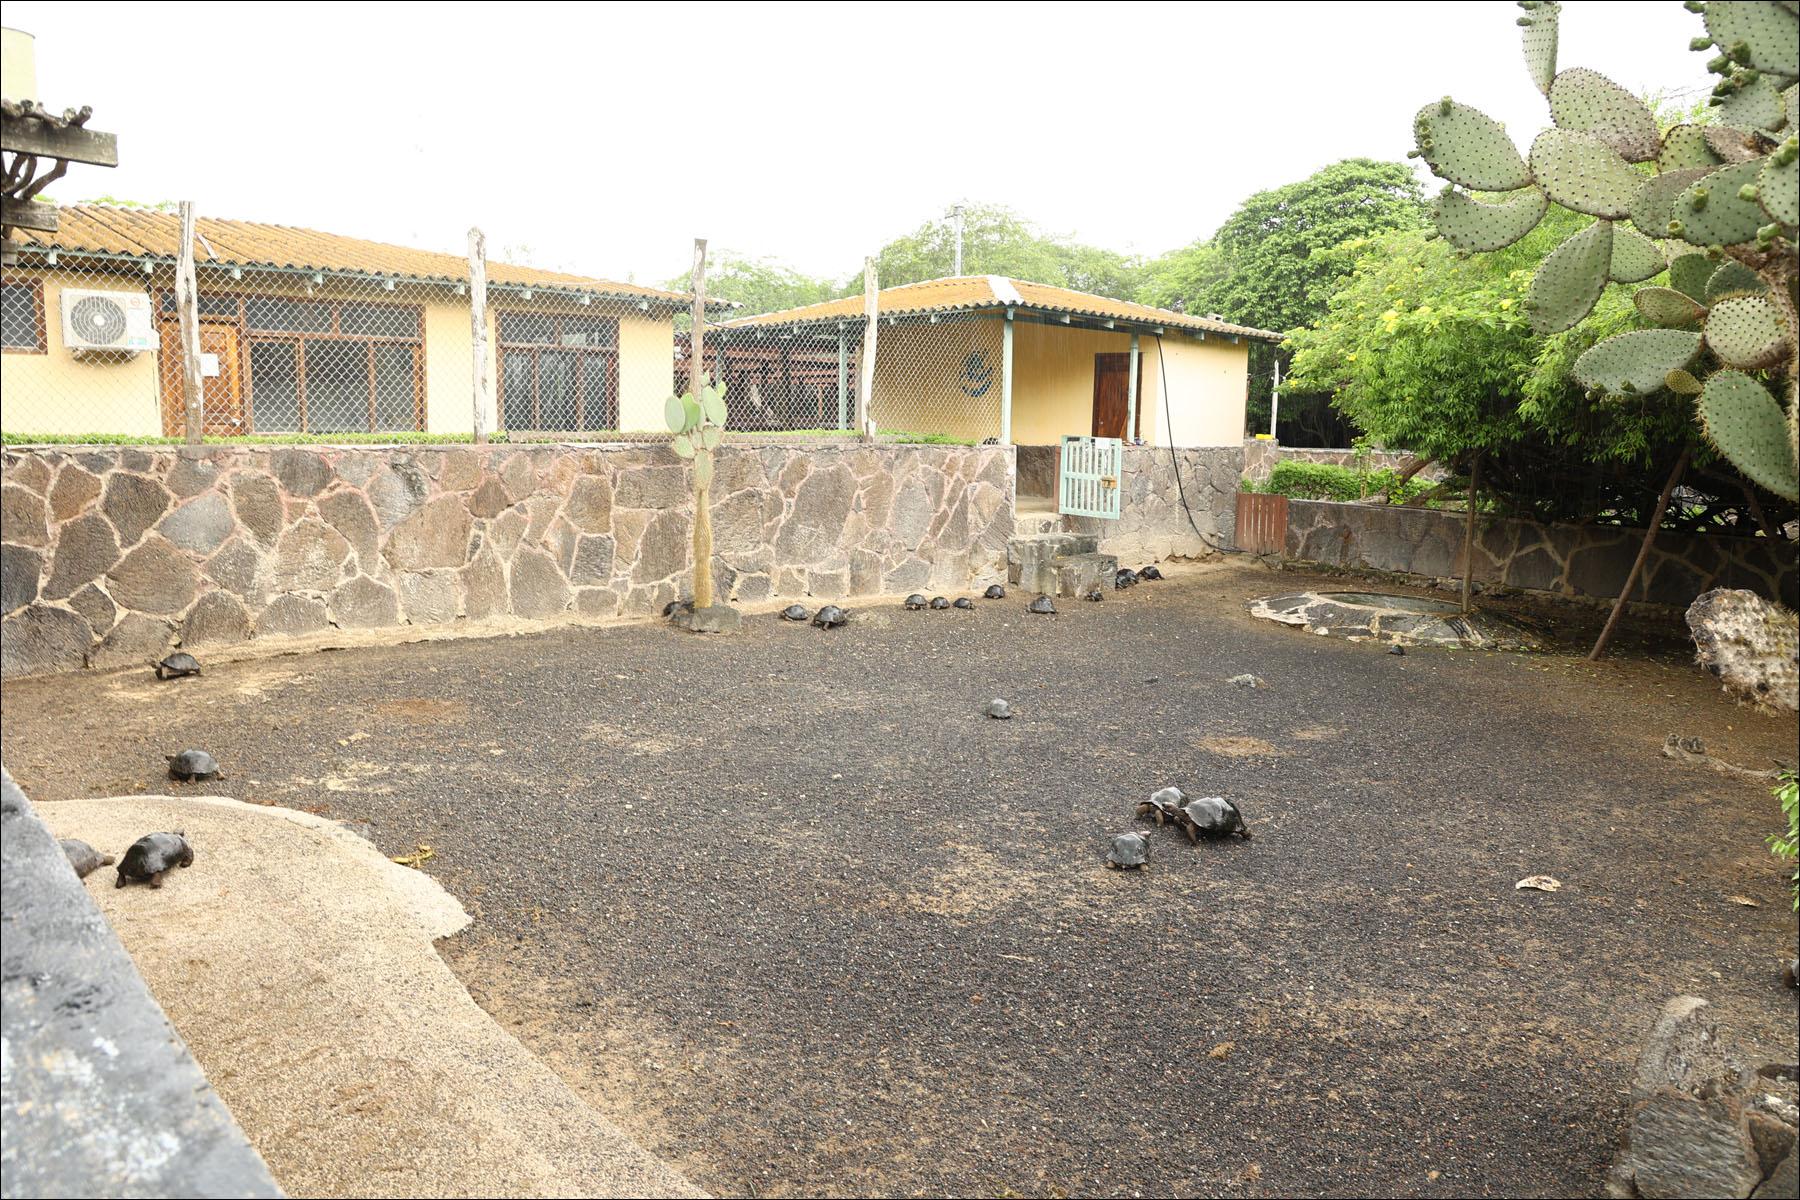 Реинжиниринг небольшой островной экосистемы: биолаборатория на Галапагосах - 10